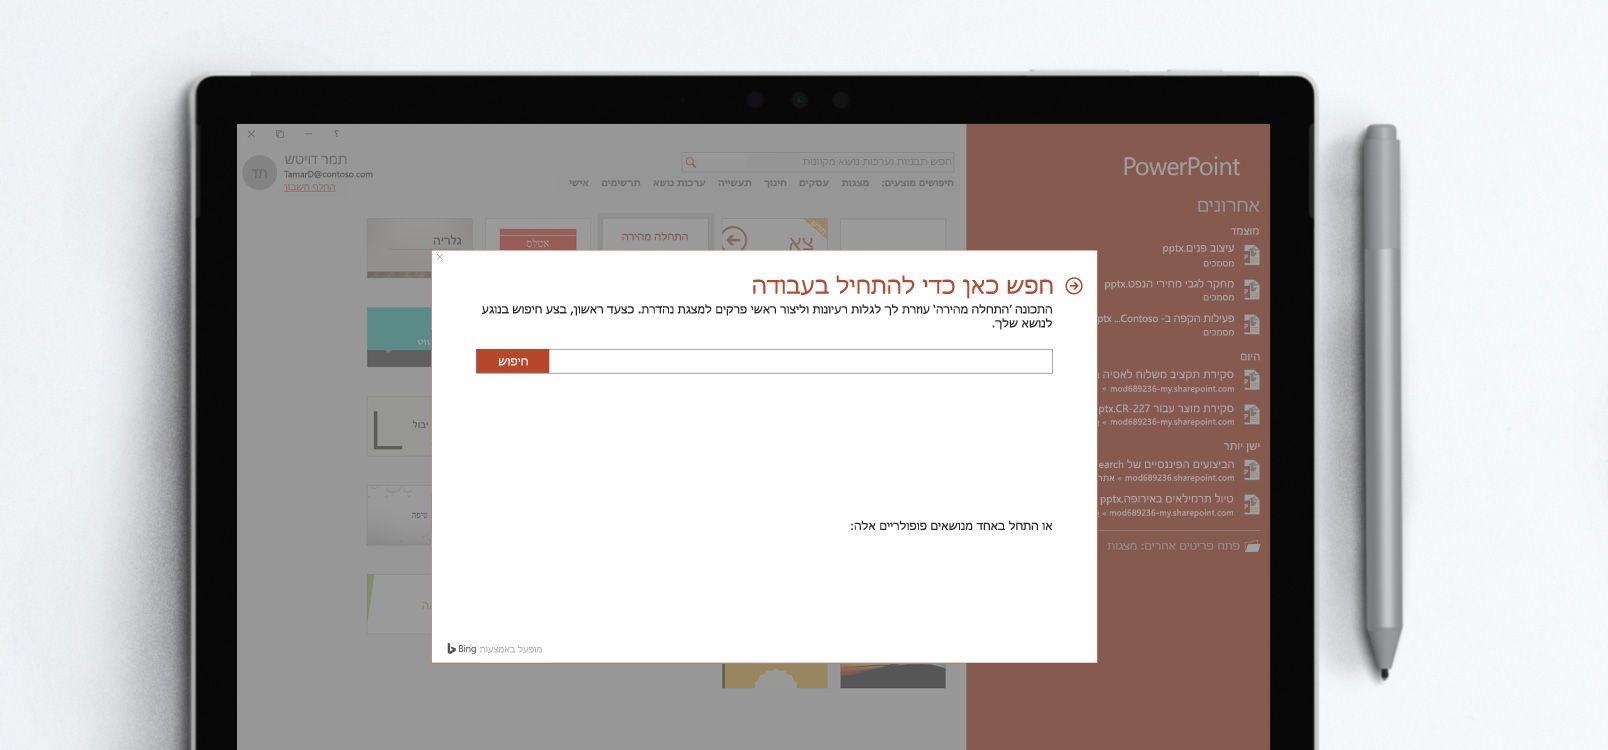 מסך Tablet המציג מסמך PowerPoint שמשתמש בתכונה 'התחלה מהירה'